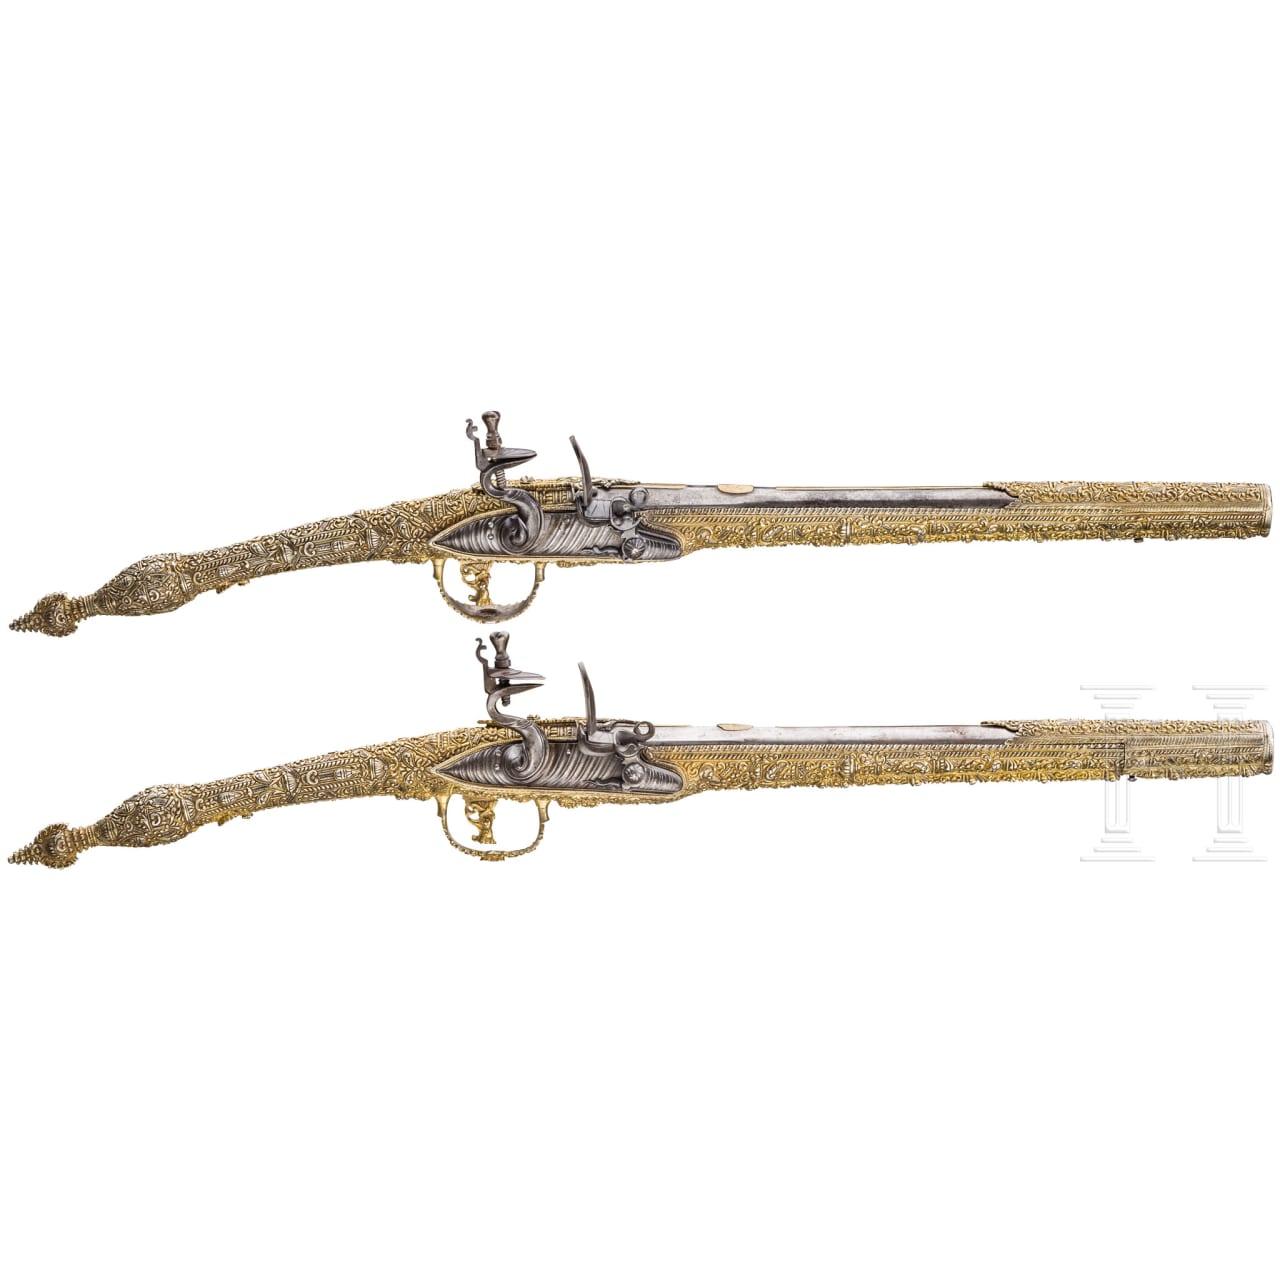 Ein Paar silbermontierte und vergoldete, lange Steinschlosspistolen, Griechenland, Ionien, 19. Jhdt.